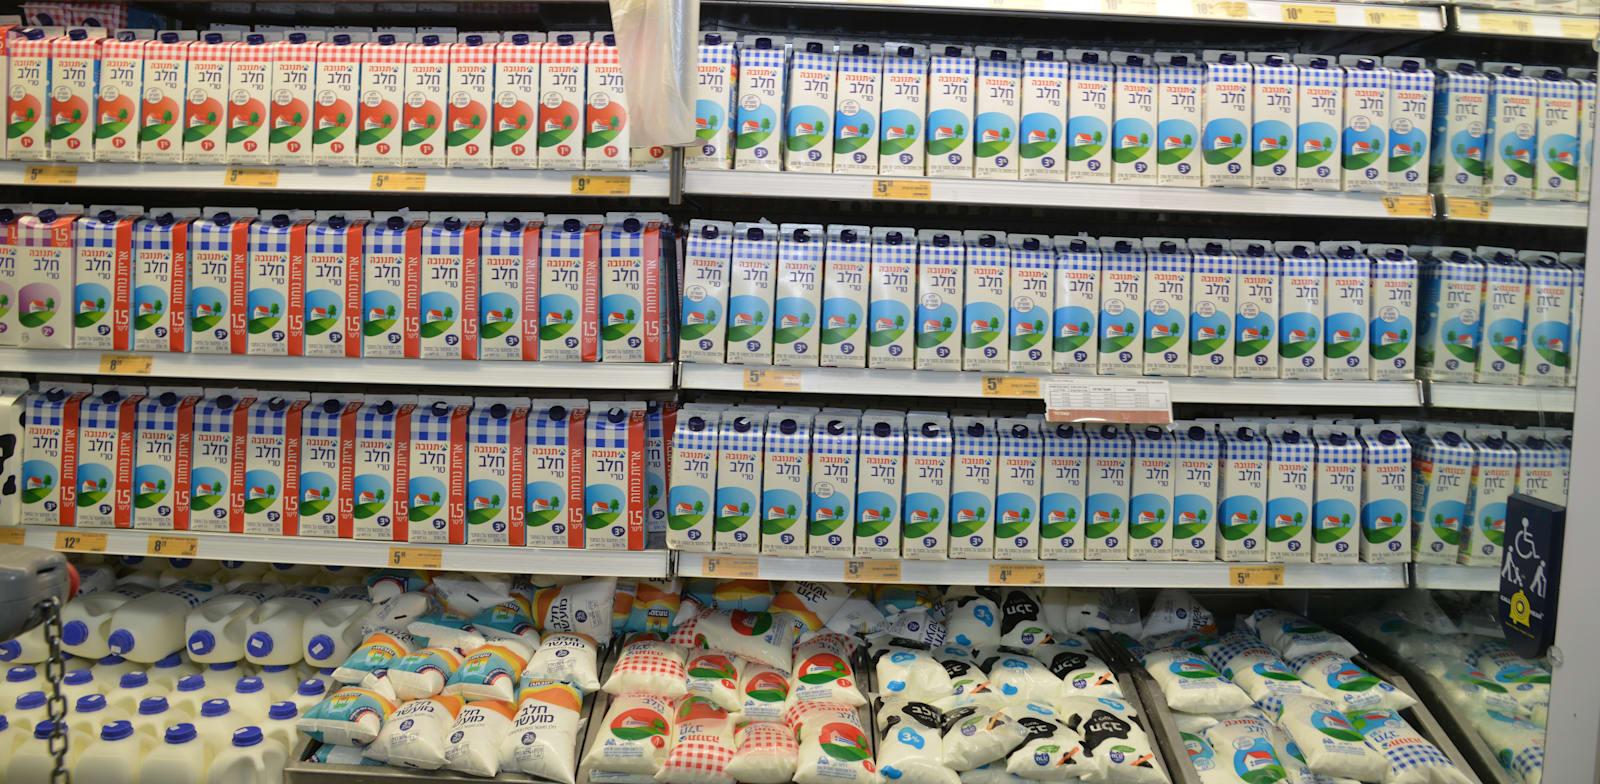 מדפי חלב בסופרמרקט / צילום: תמר מצפי